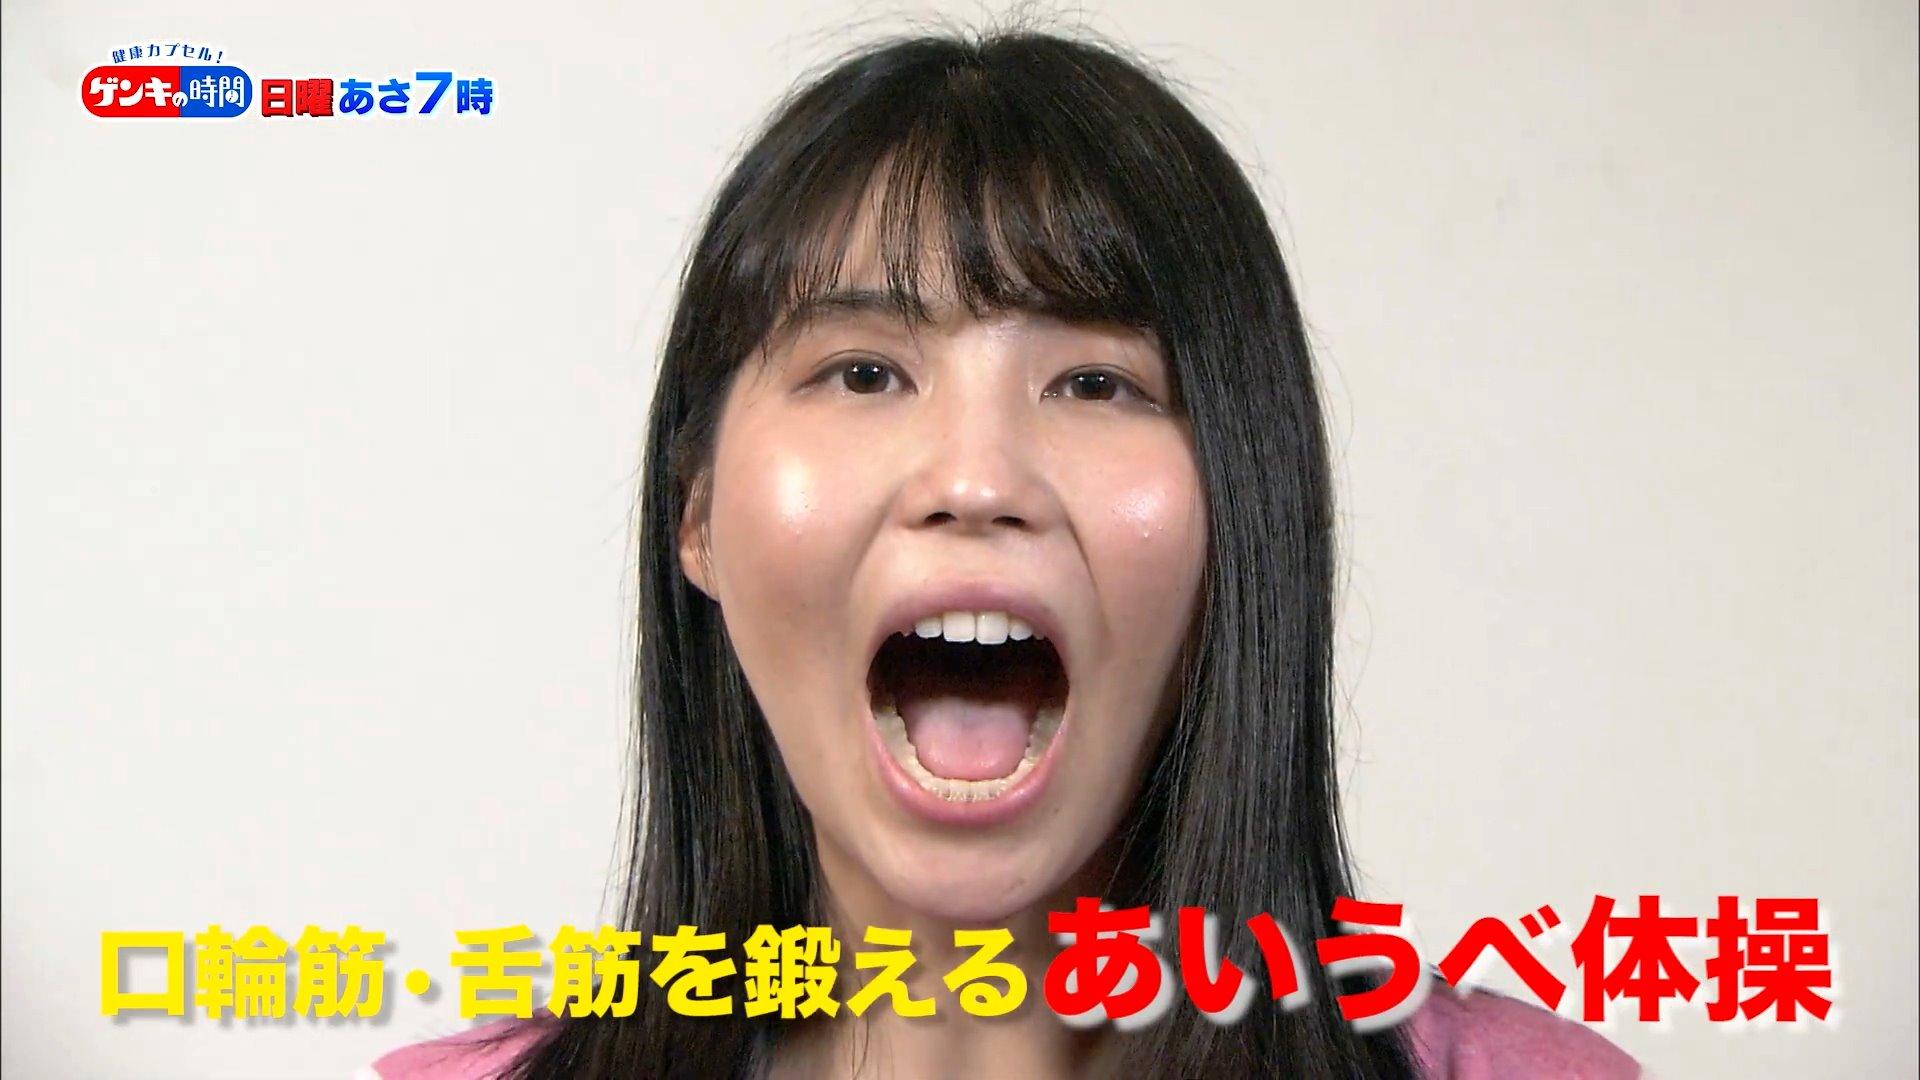 舌モデルのあいうべ体操 (1)